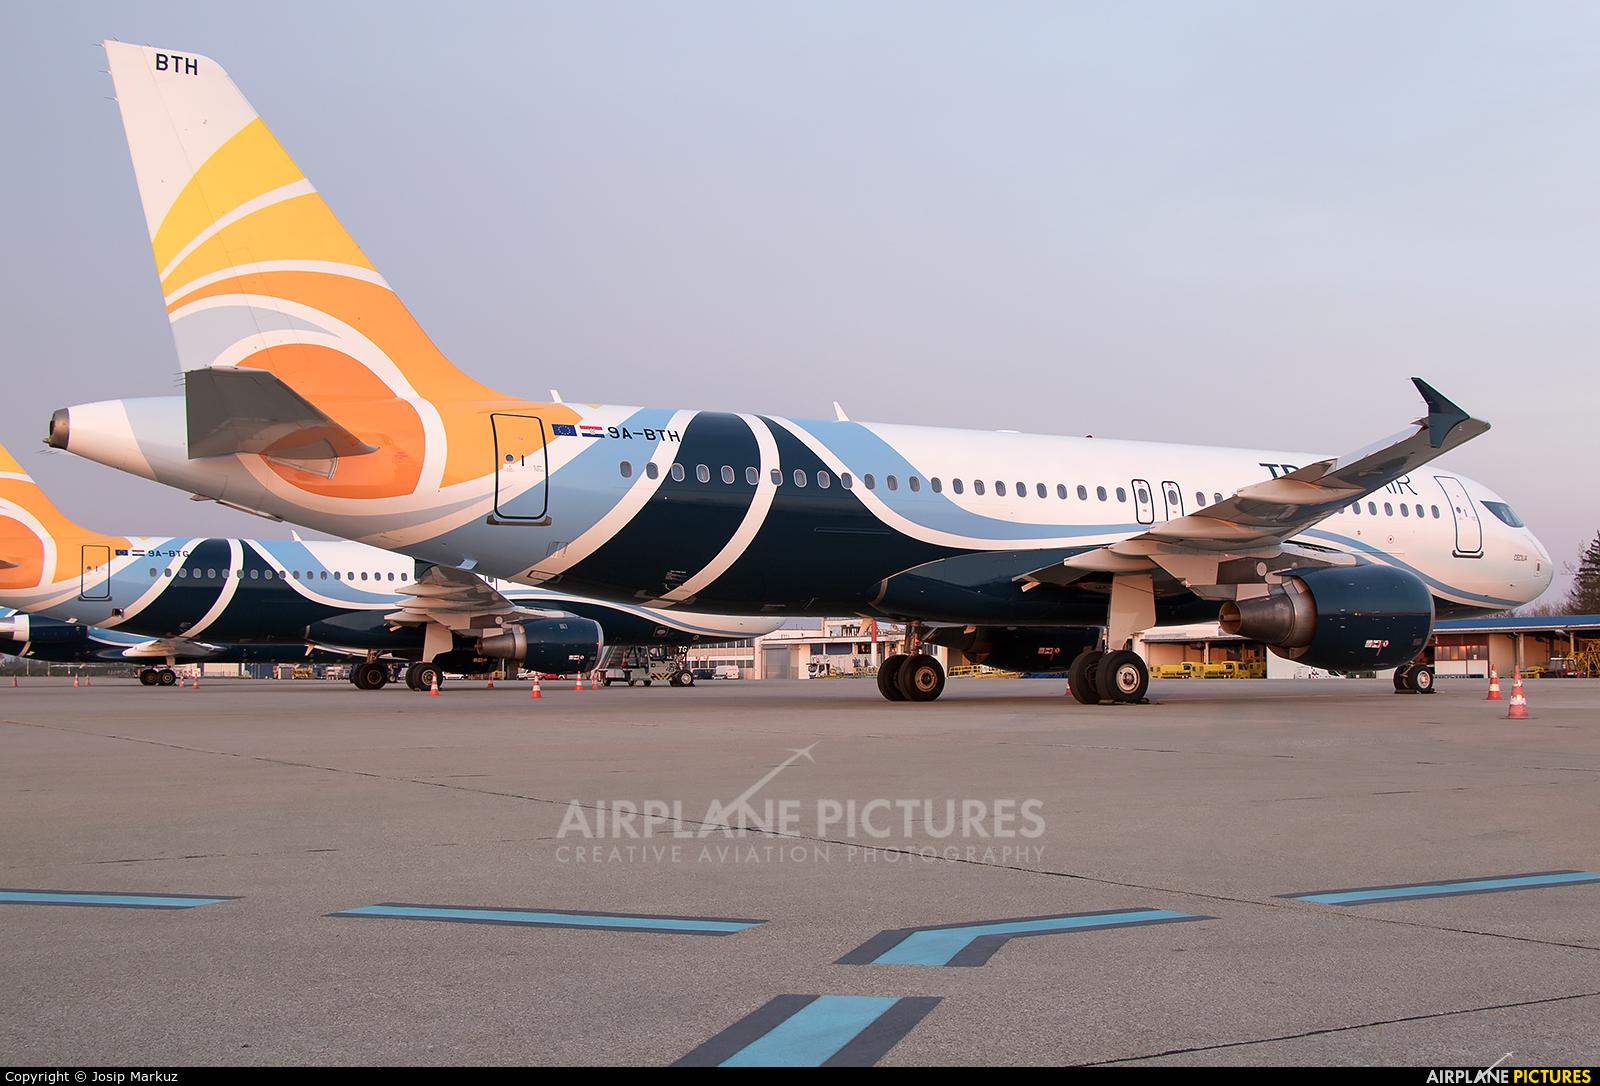 Trade Air 9A-BTH aircraft at Zagreb